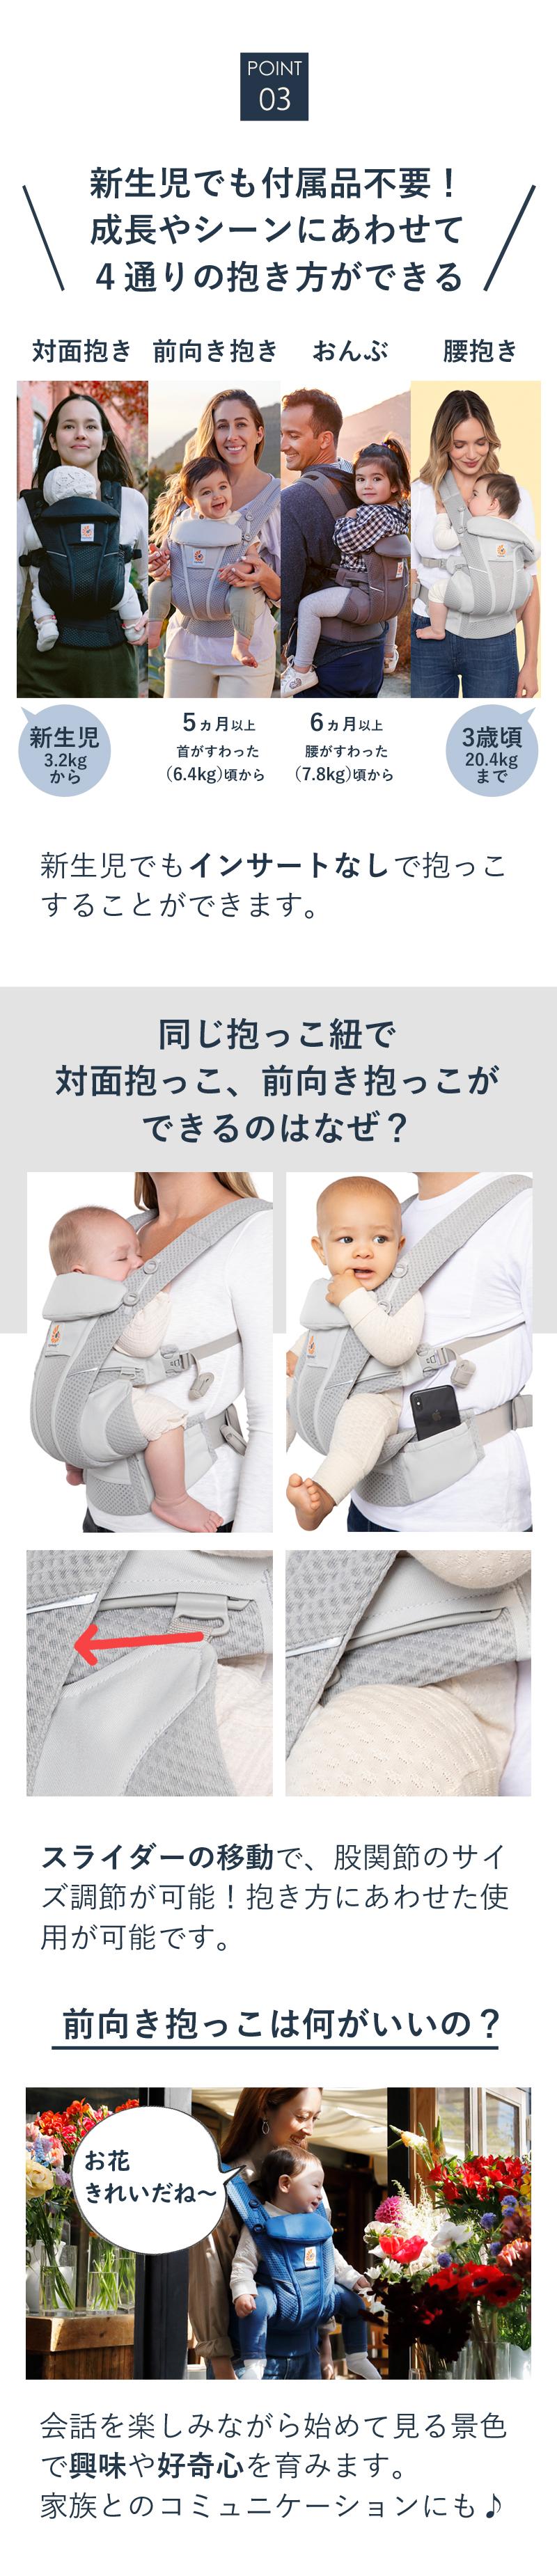 エルゴベビー/エルゴ/ブリーズ/breeze/抱っこ紐/360/omni/オムニ/新生児から使える/だっこ紐/だっこひも/おんぶひも/ergobaby